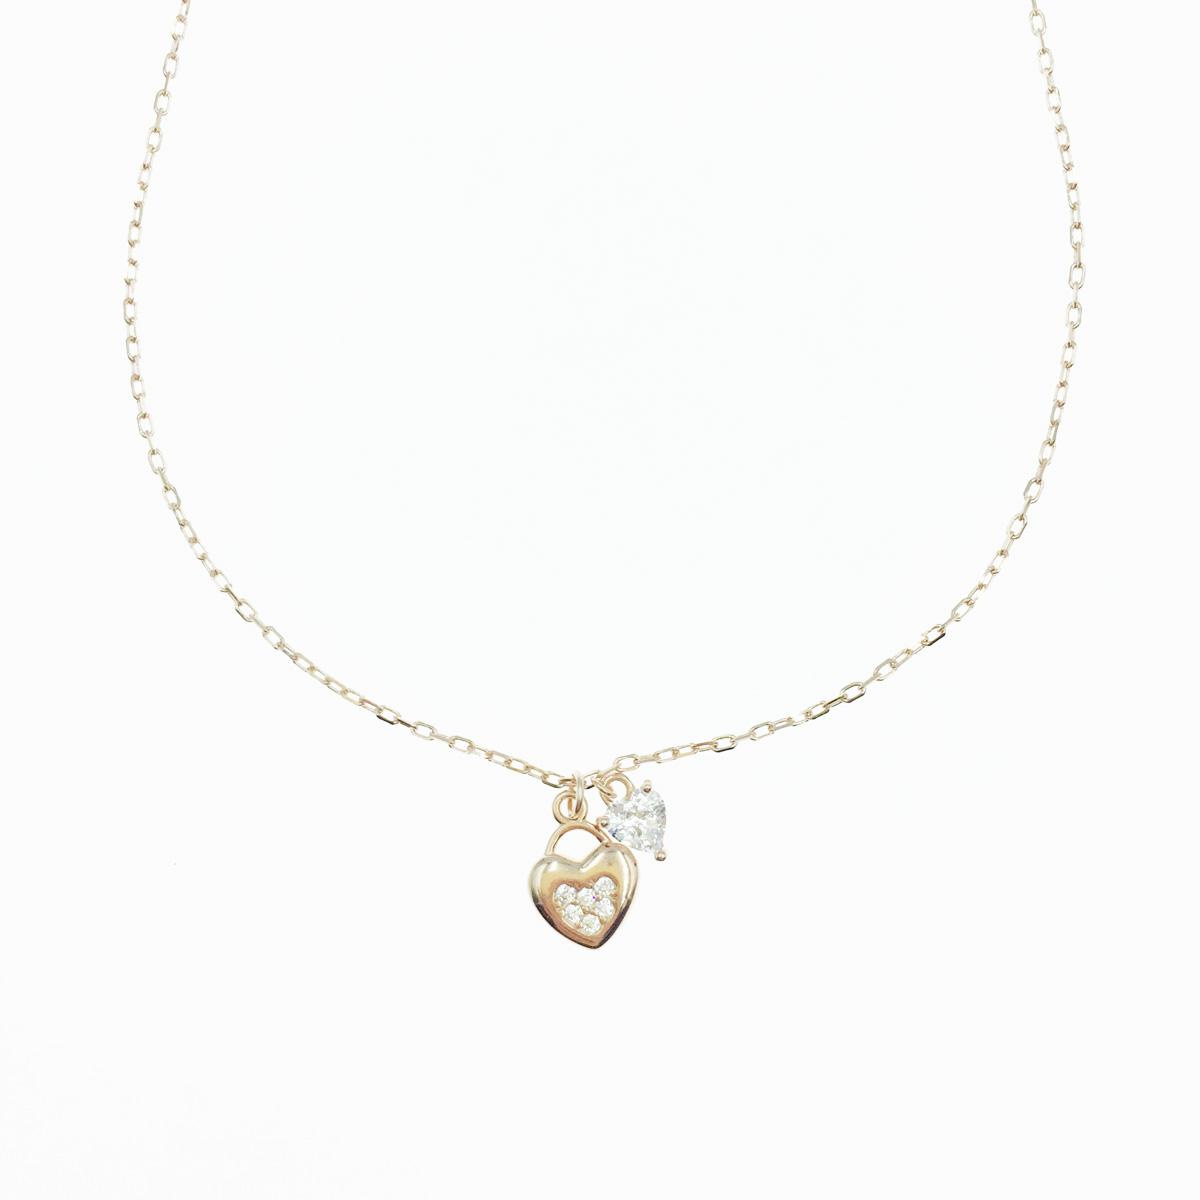 韓國 925純銀 愛心 墜飾 水鑽 玫瑰金 質感項鍊